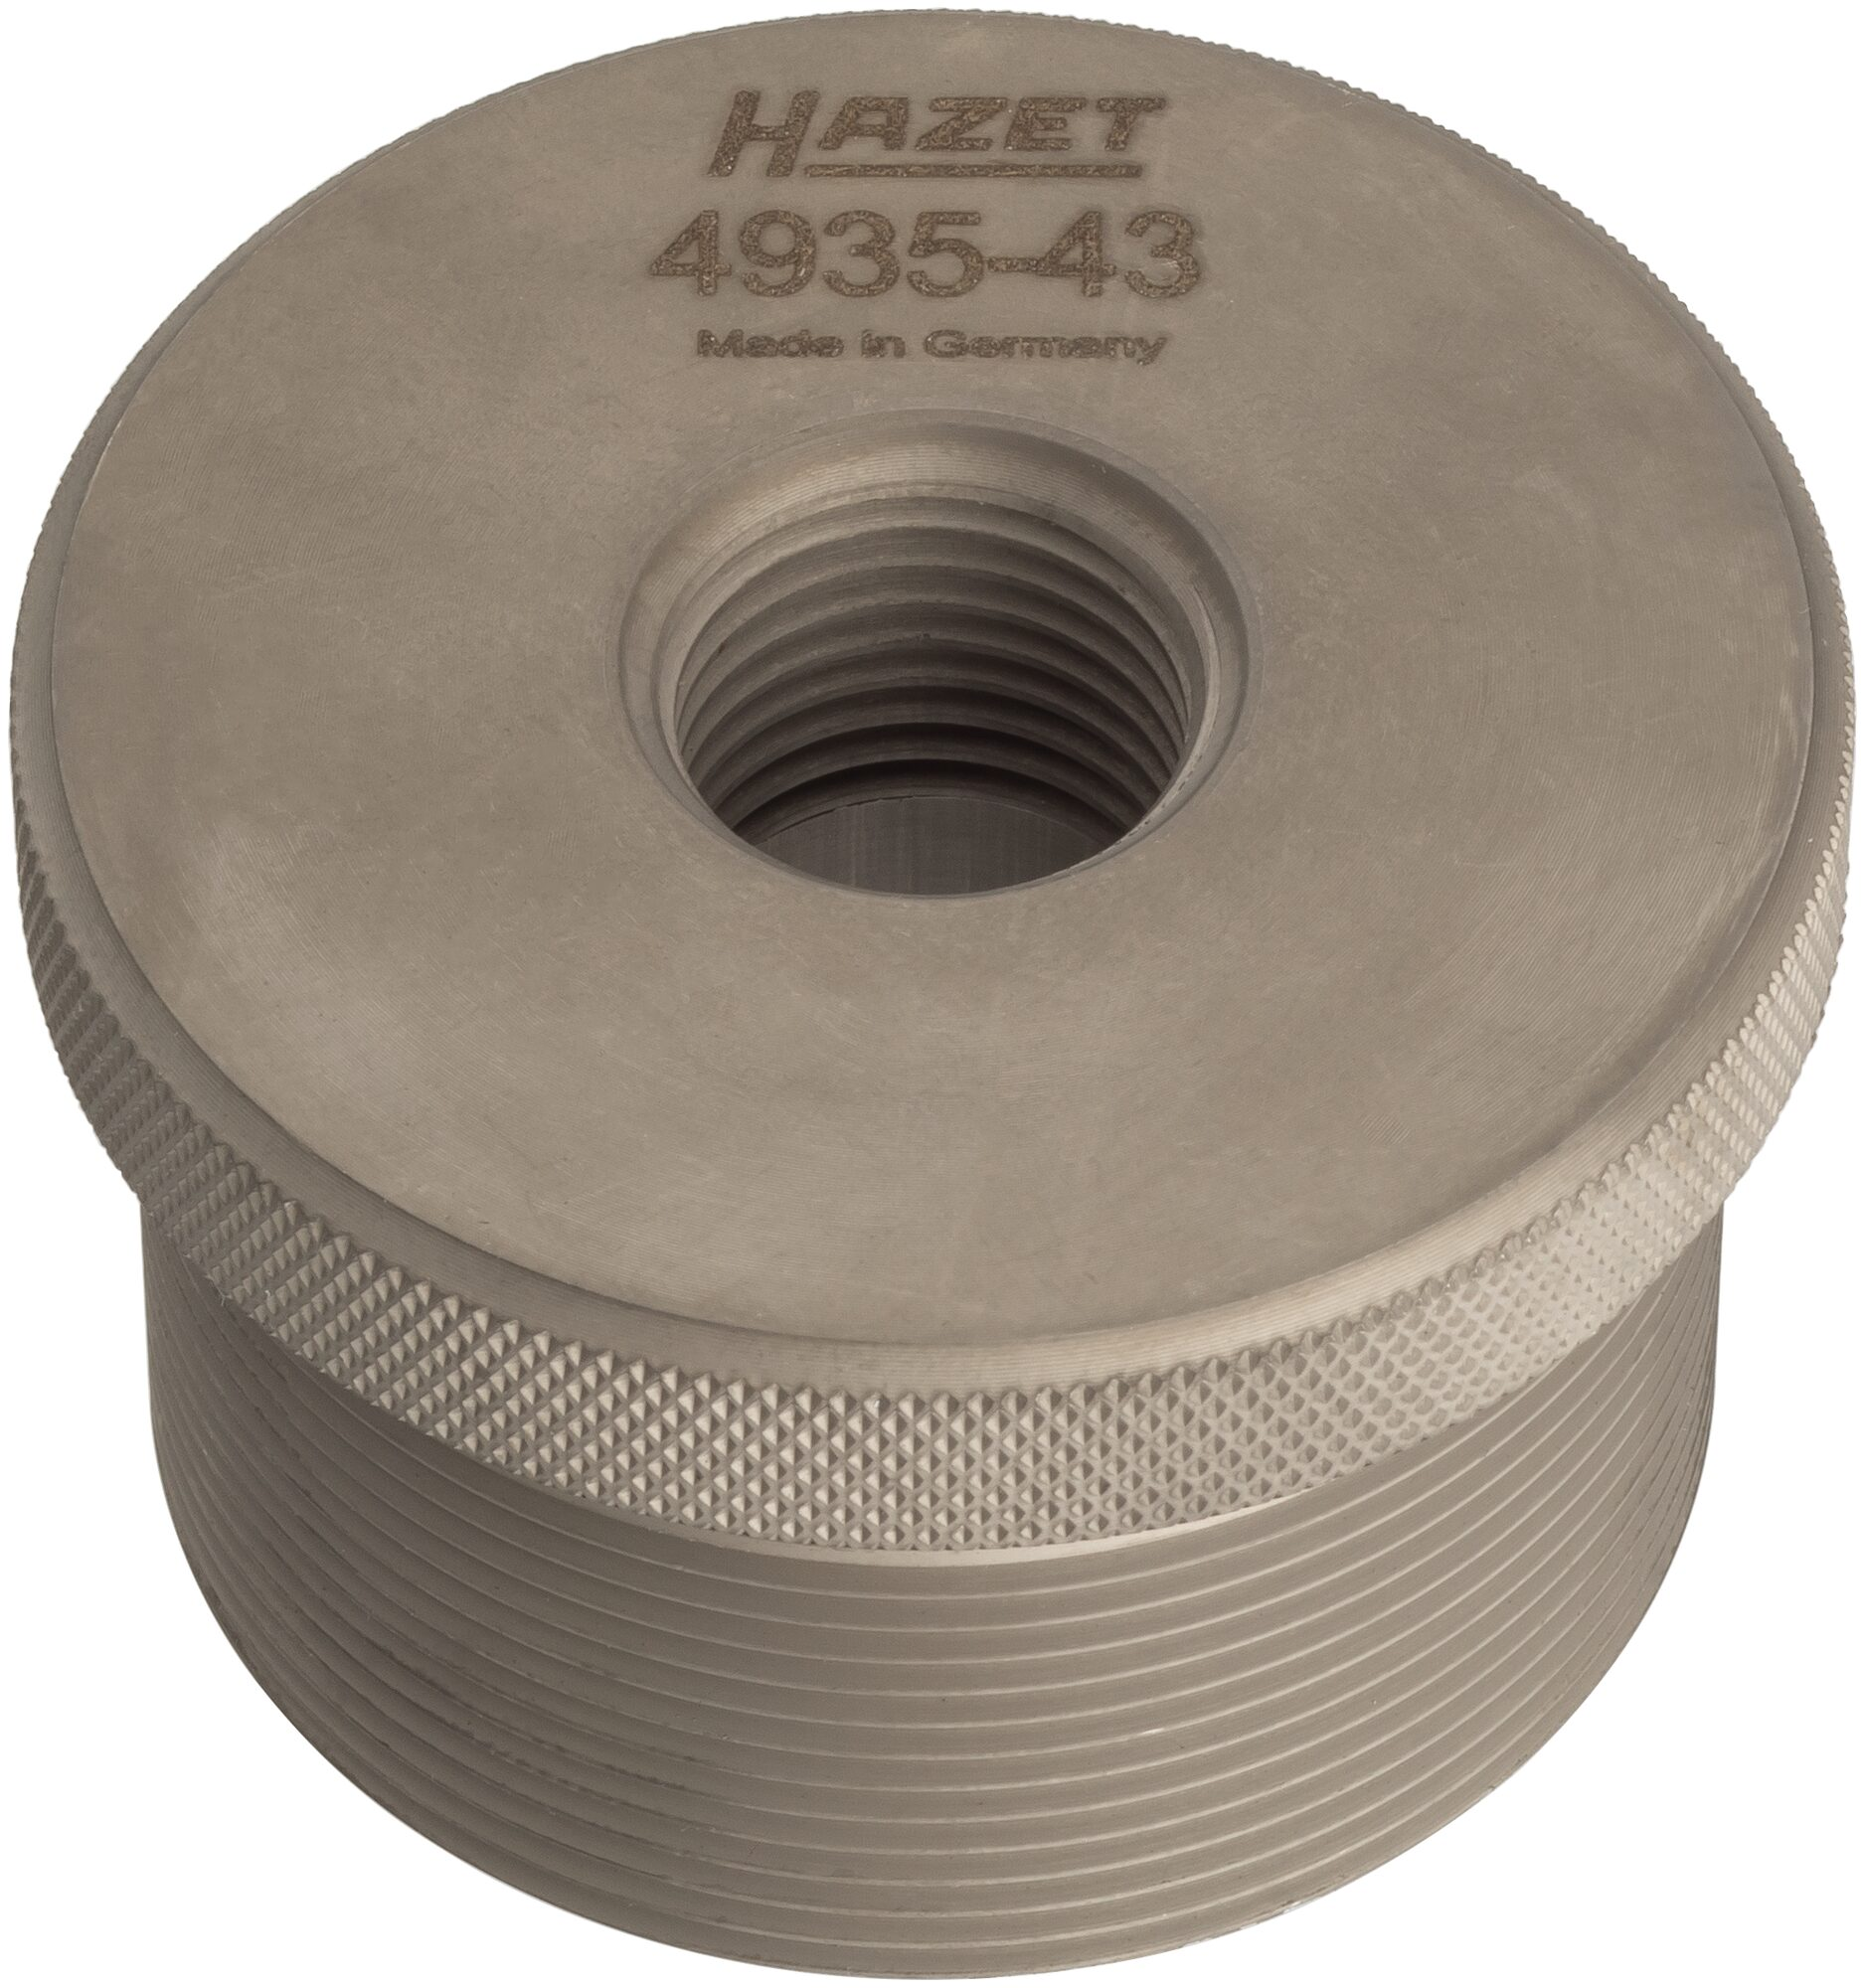 HAZET Adapter 2 1⁄4″-14UNS 4935-43